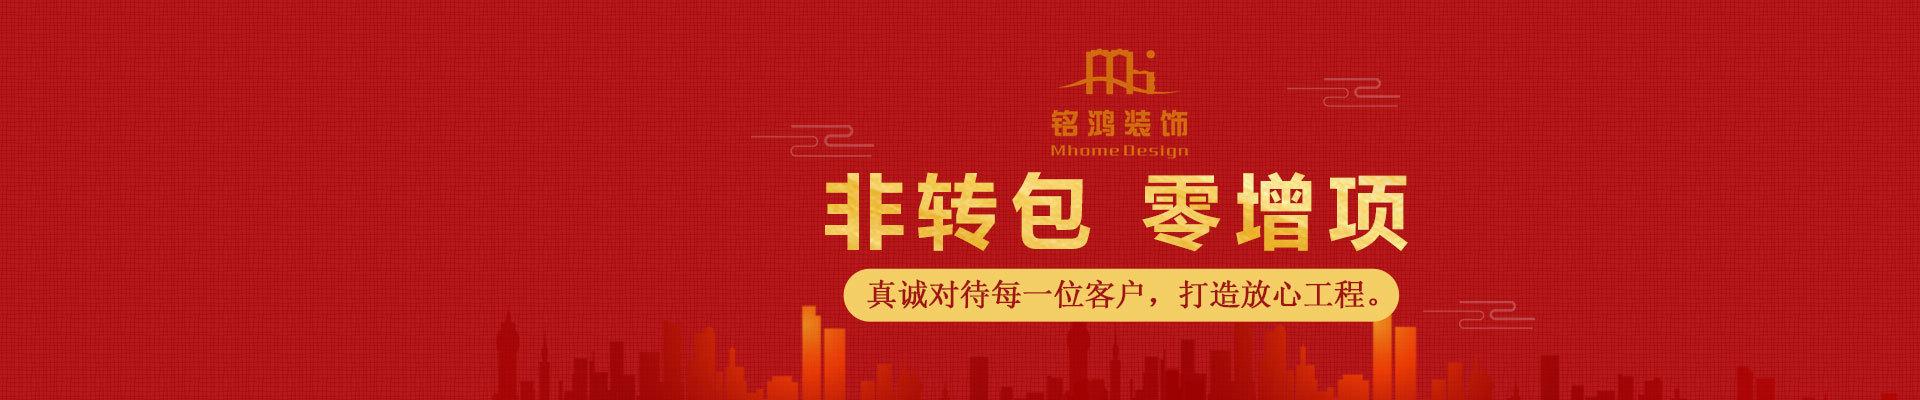 杭州铭鸿装饰工程有限公司余姚分公司